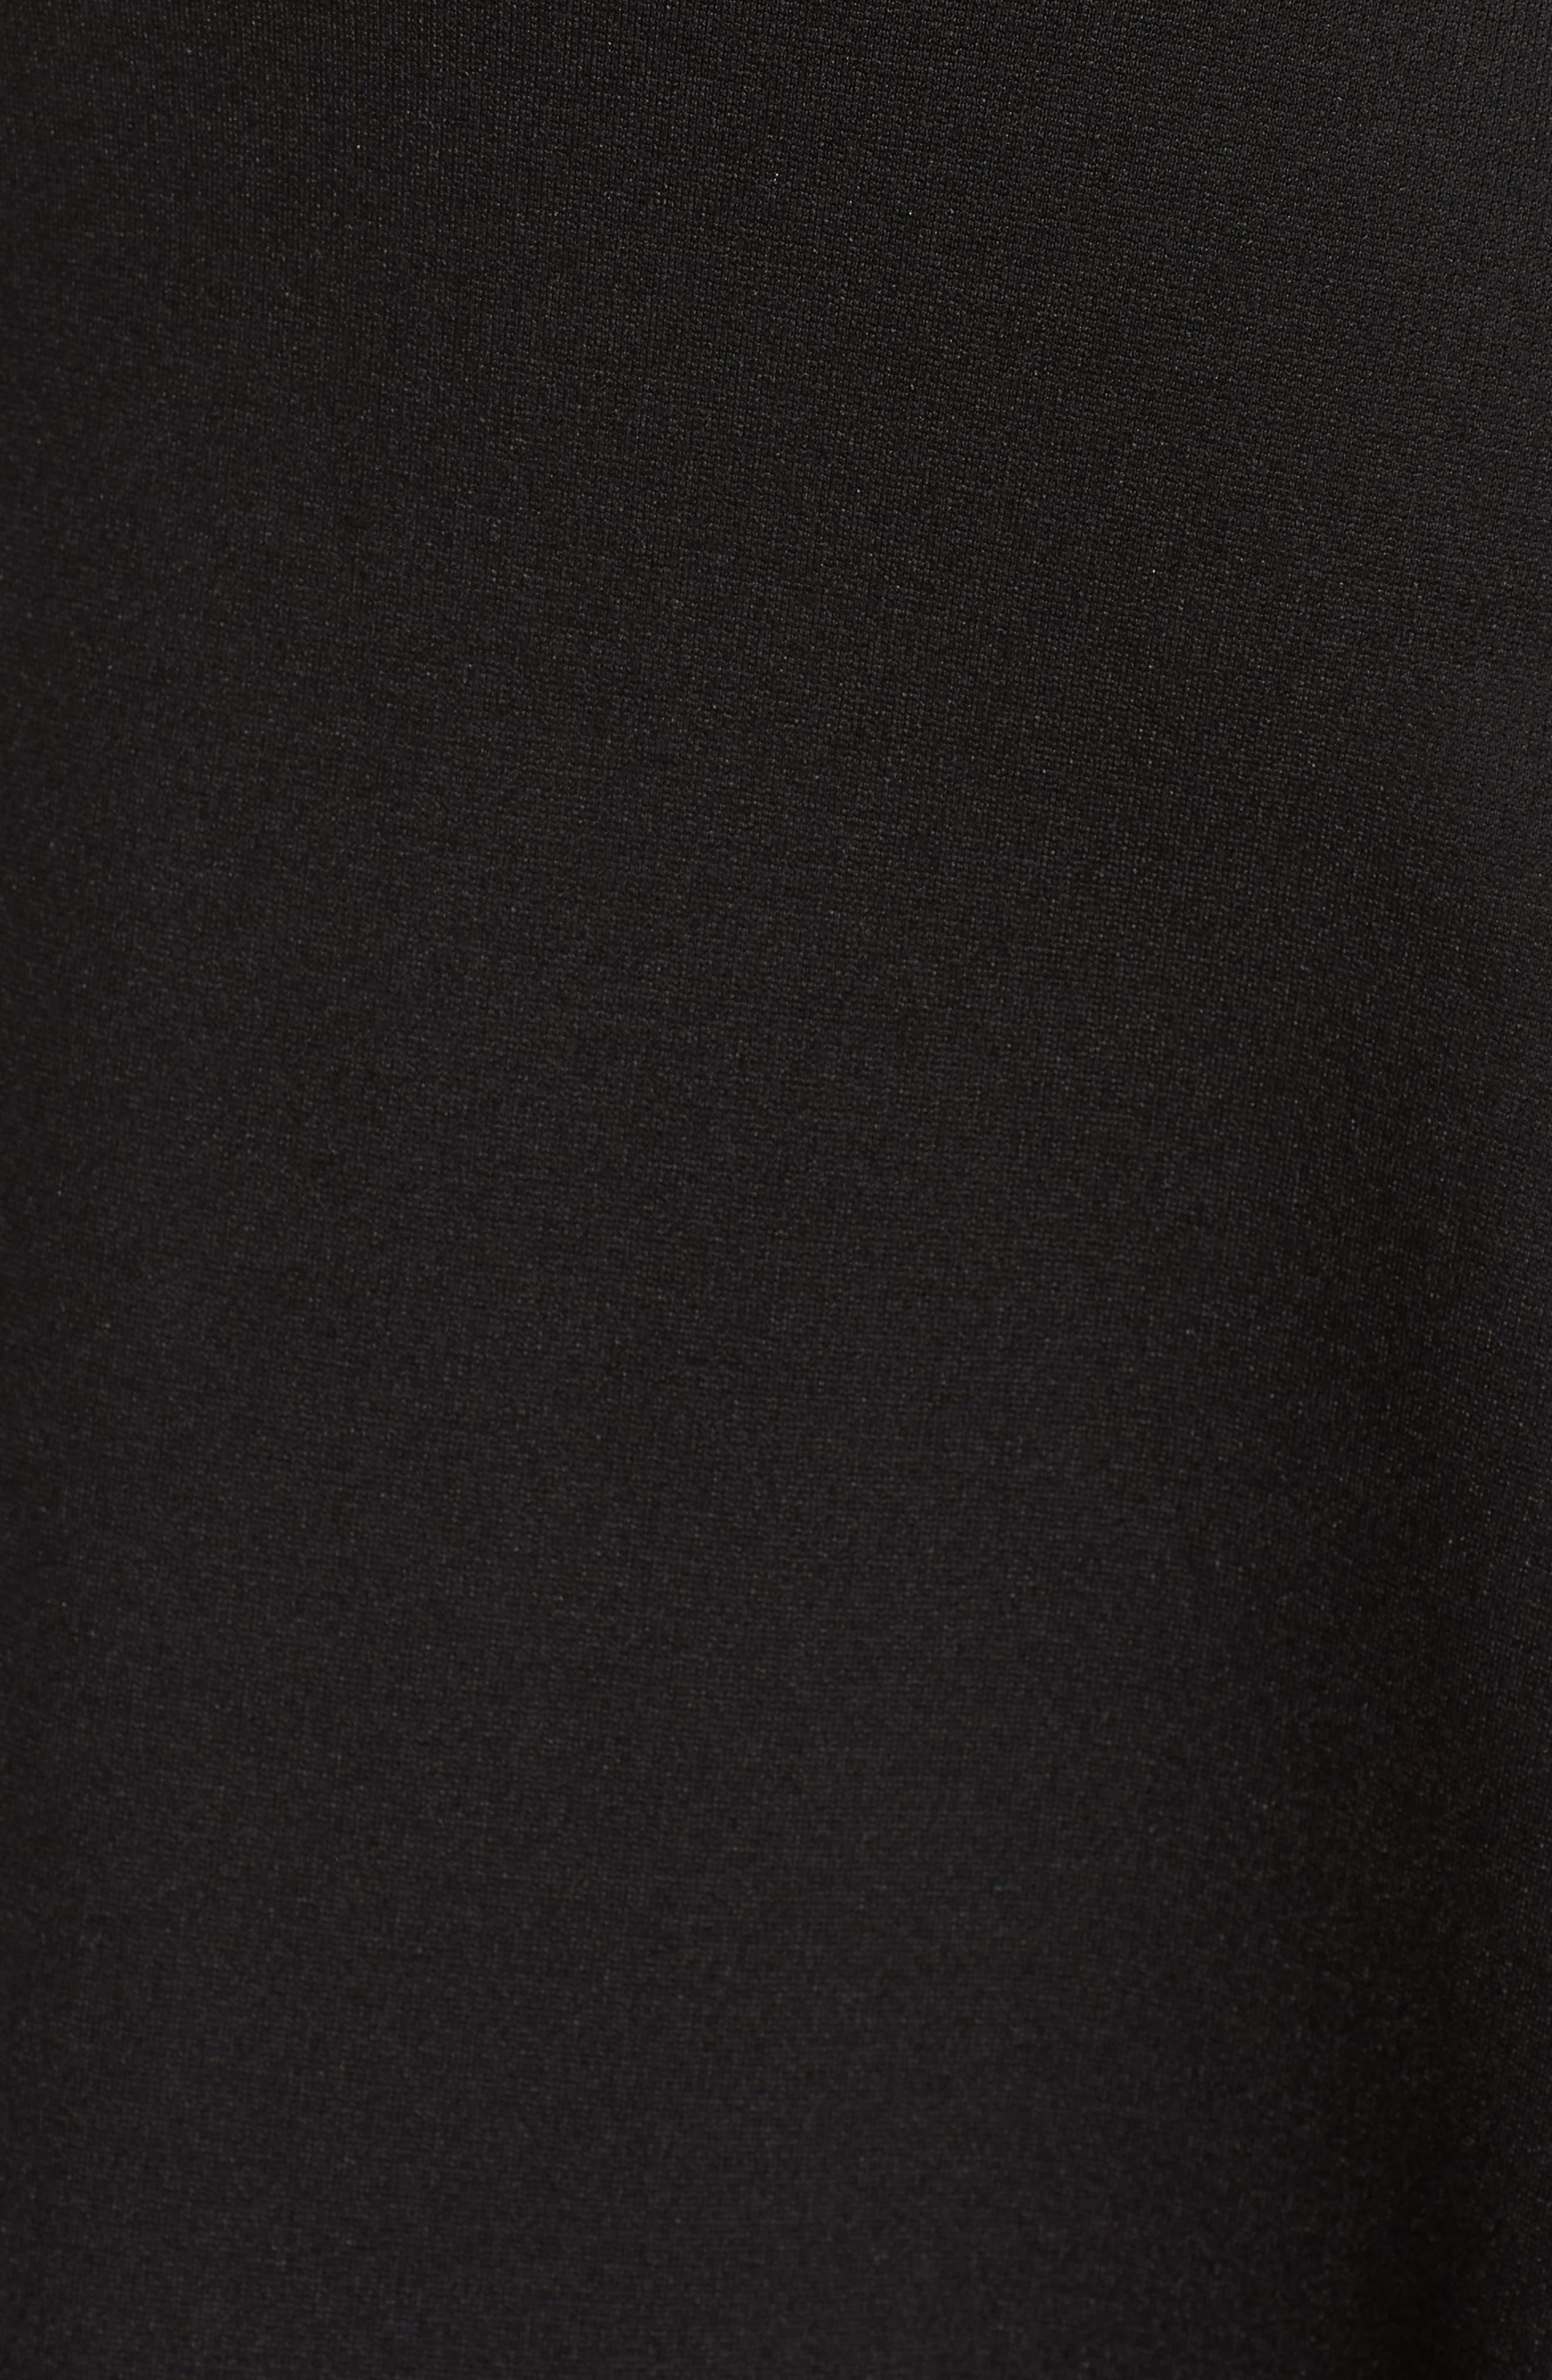 Backless Skater Dress,                             Alternate thumbnail 6, color,                             001